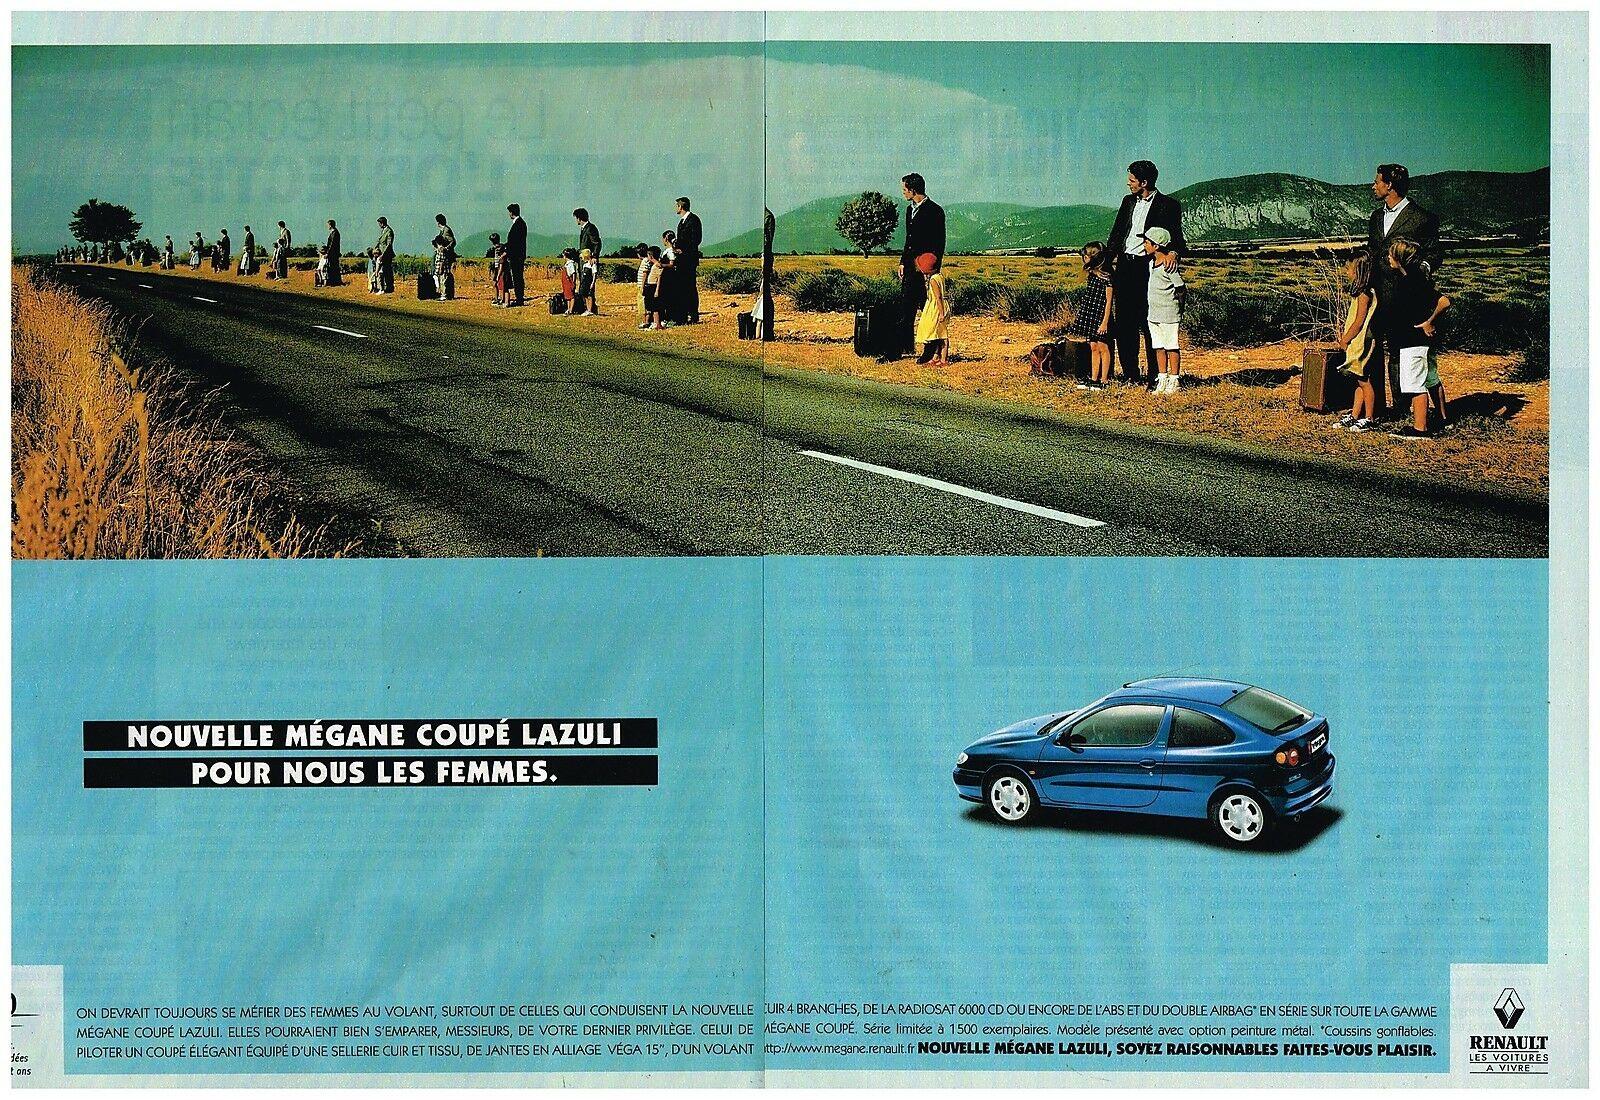 1998 Renault Megane coupé Lazuli